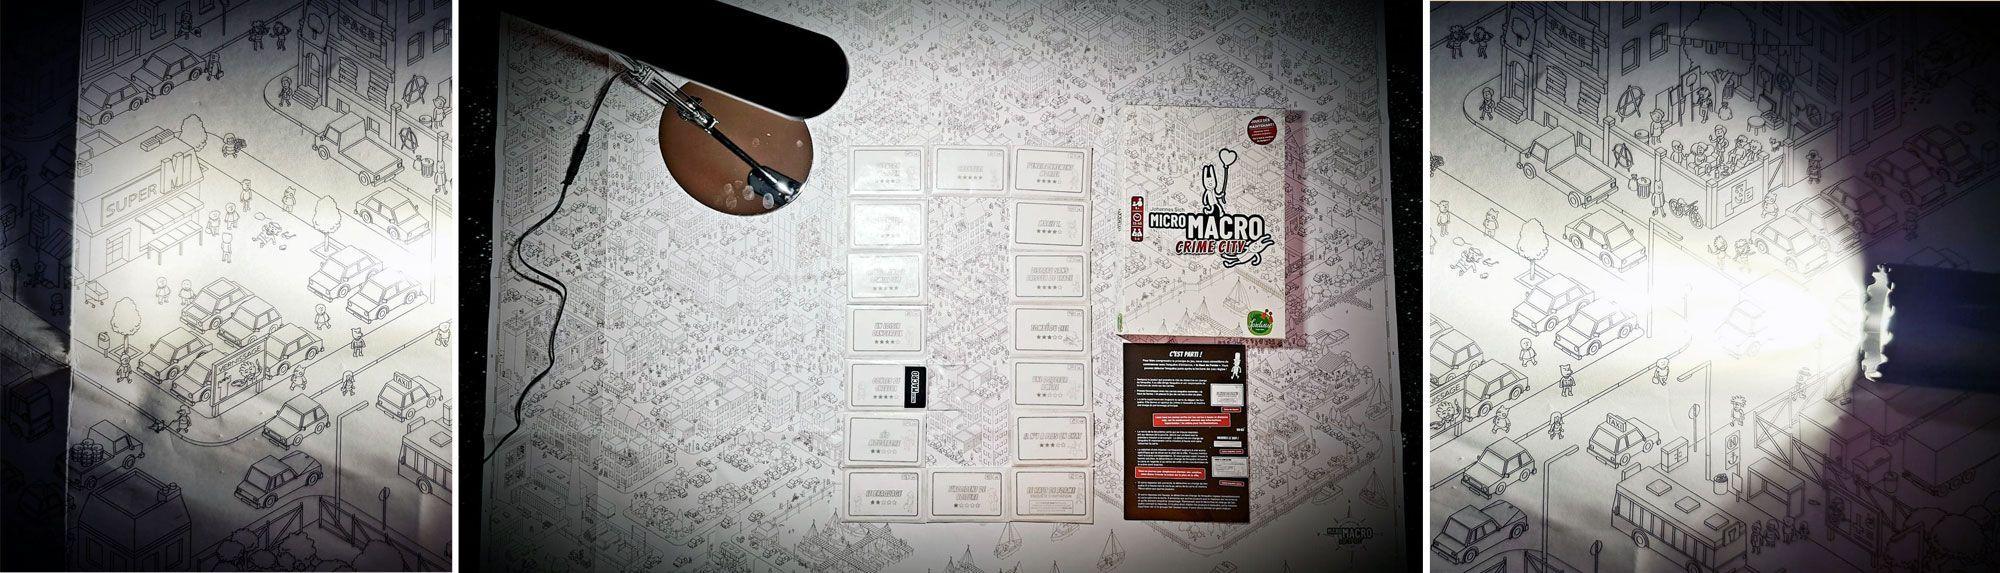 Jeu de société MicroMacro par BCD Jeux